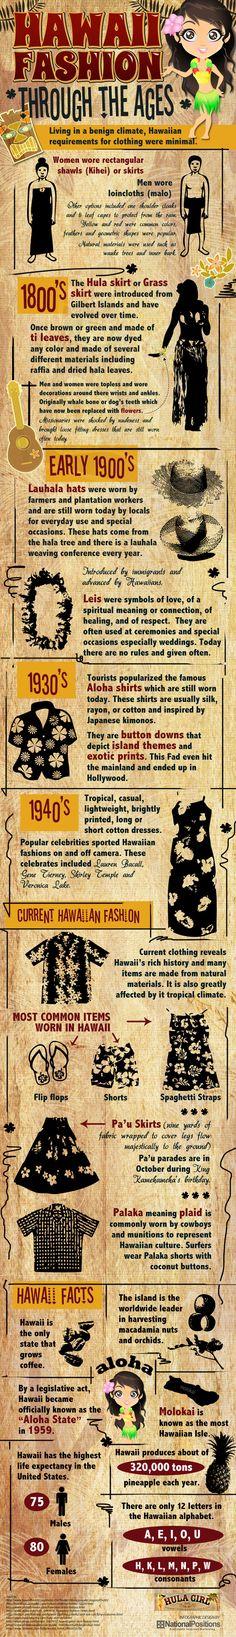 Hawaii Culture Timeline